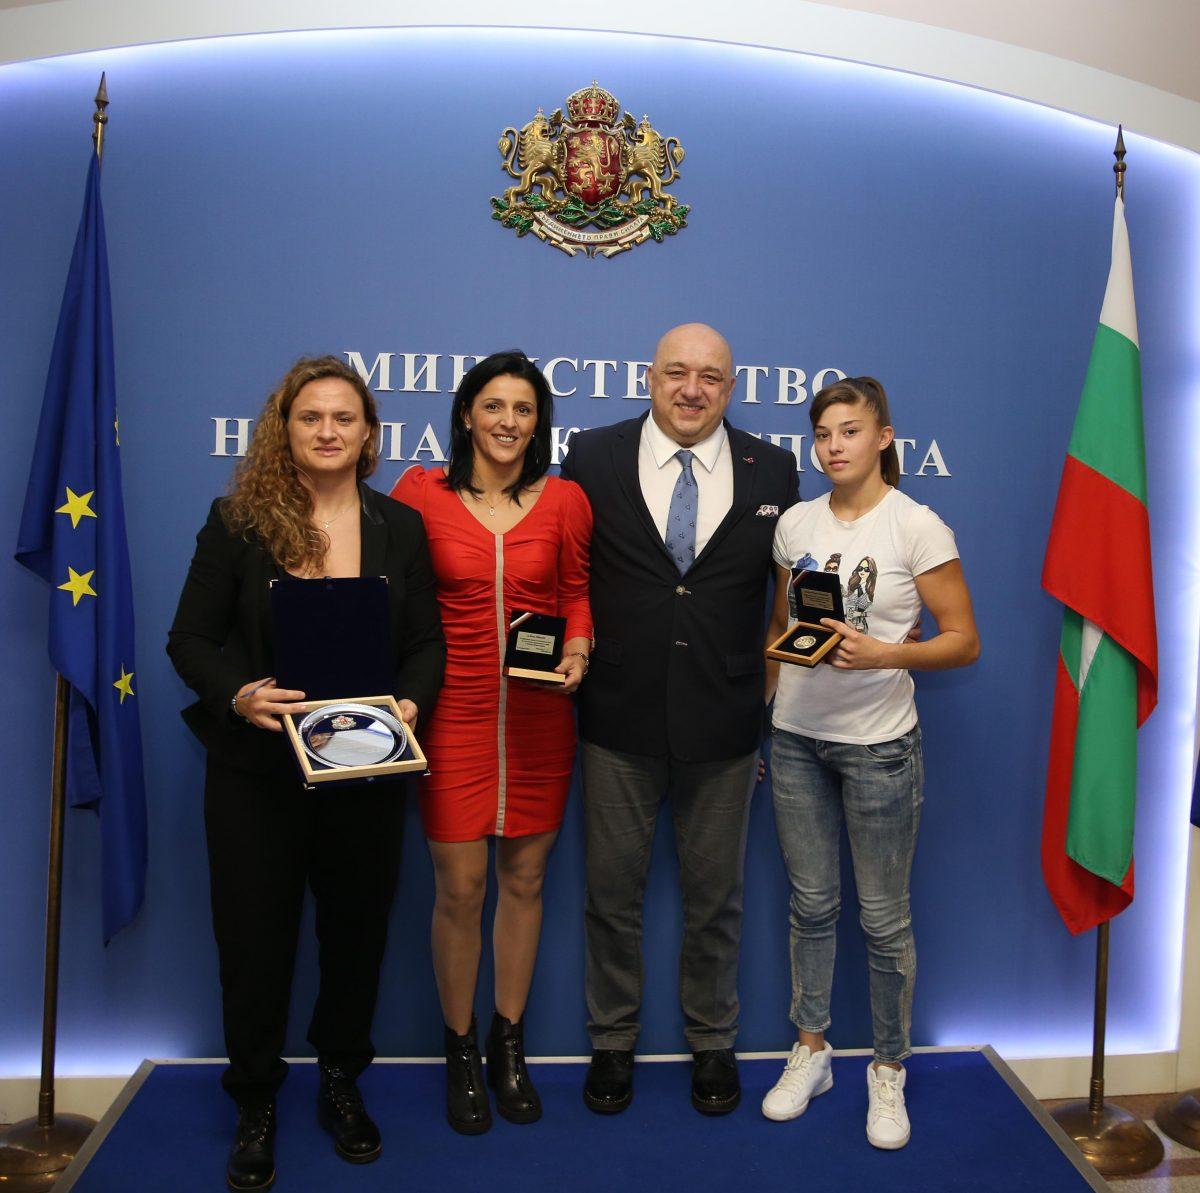 Самбистите ни с награди от Министерството на спорта